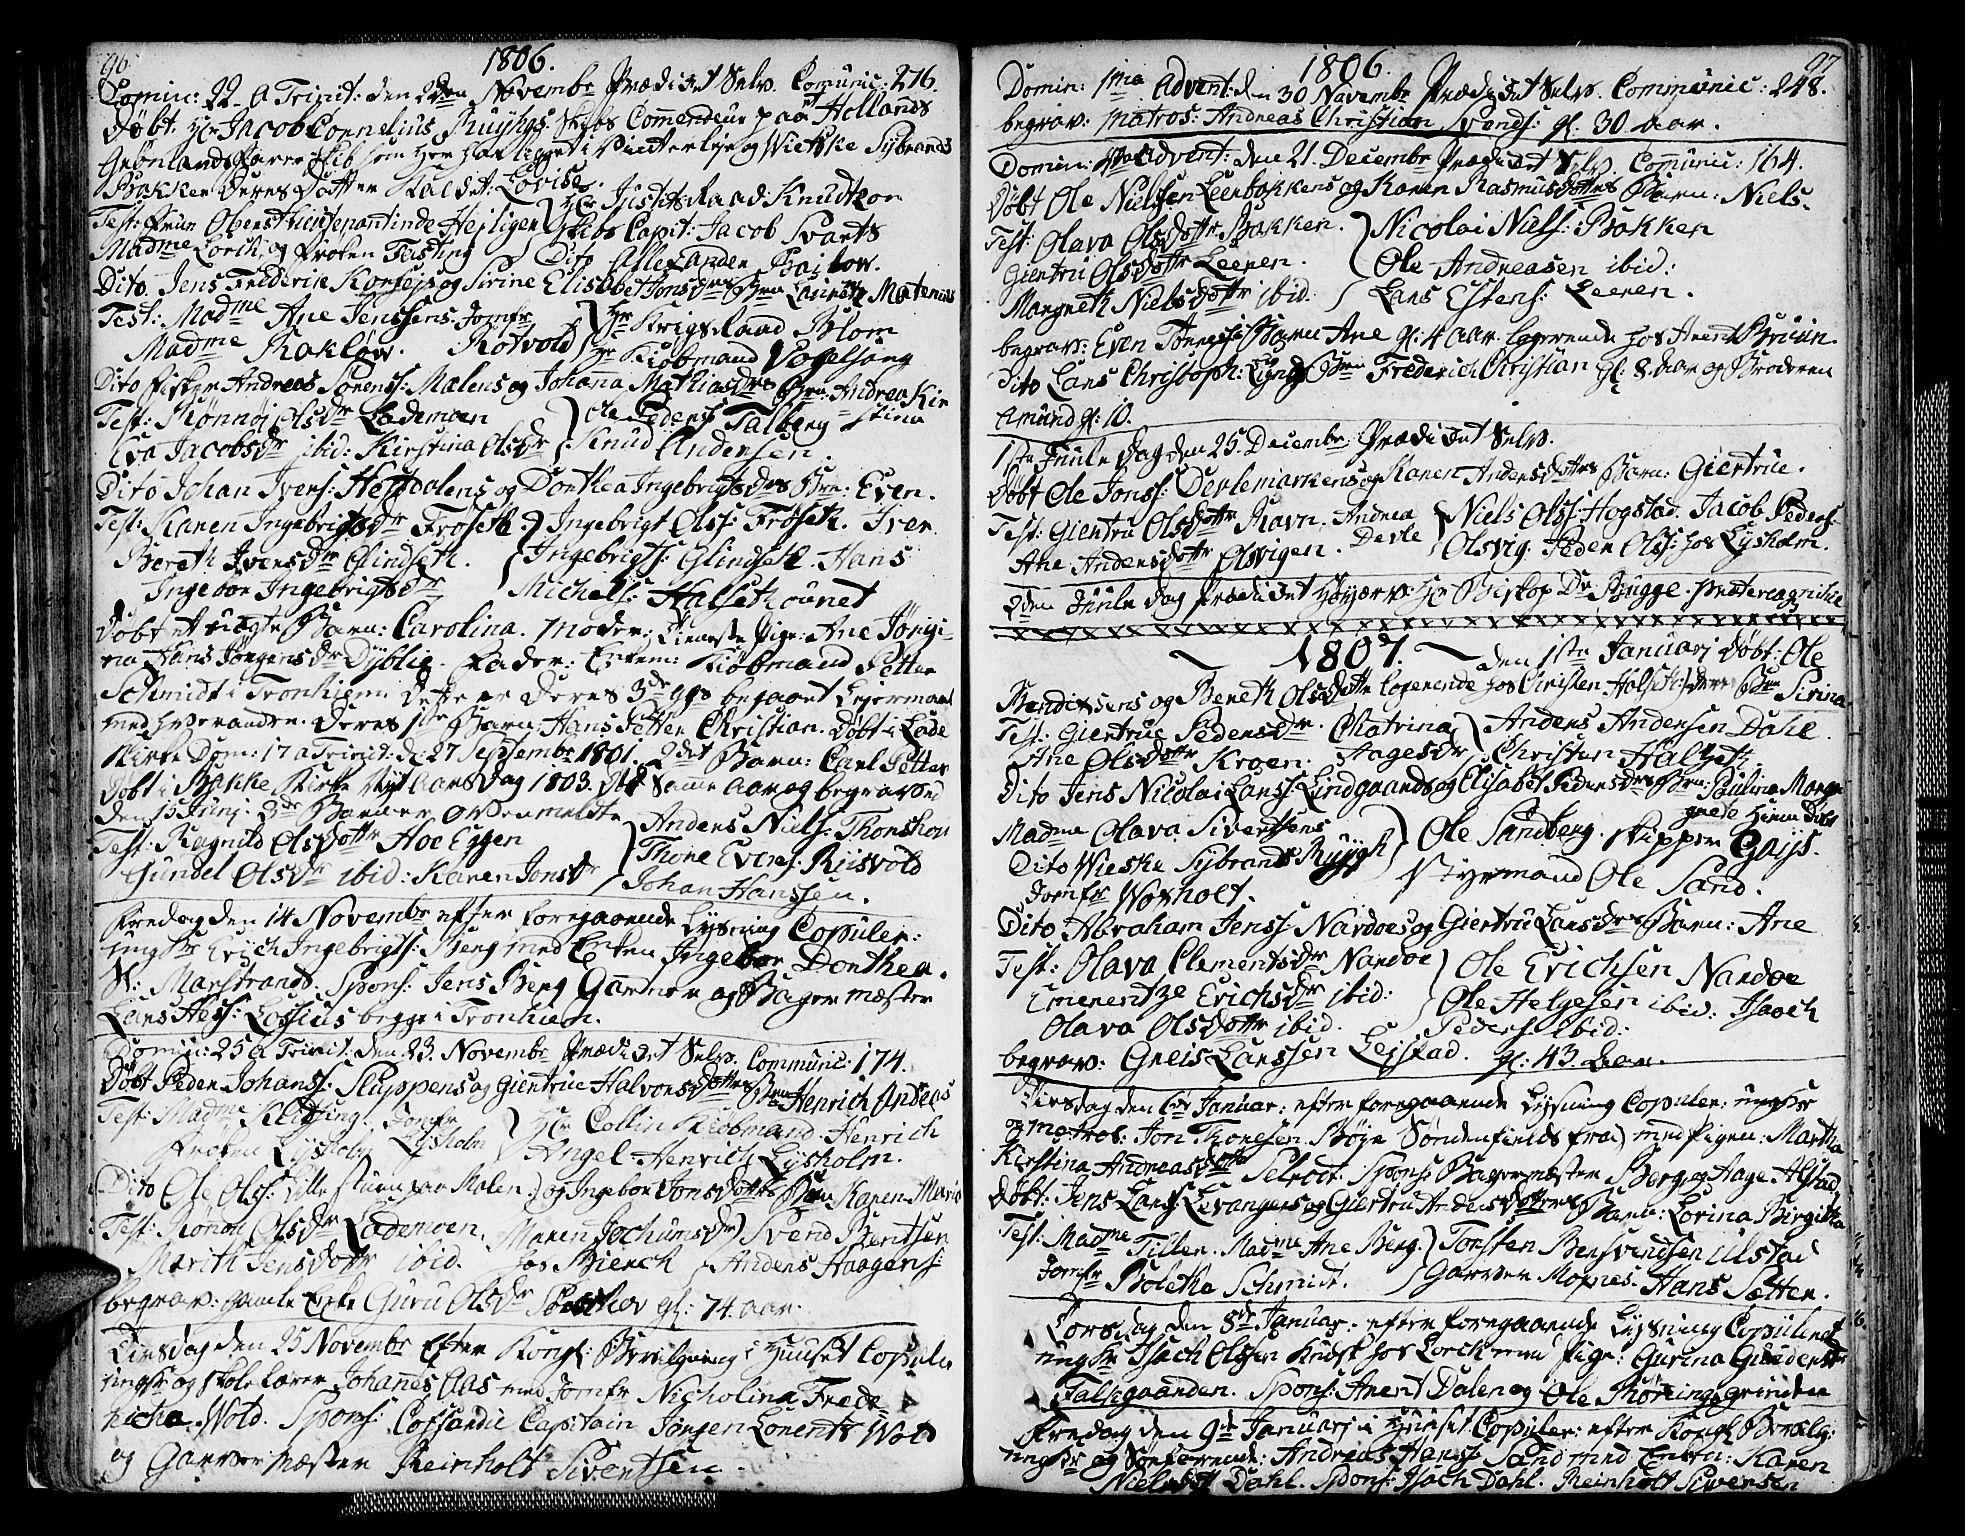 SAT, Ministerialprotokoller, klokkerbøker og fødselsregistre - Sør-Trøndelag, 604/L0181: Ministerialbok nr. 604A02, 1798-1817, s. 96-97